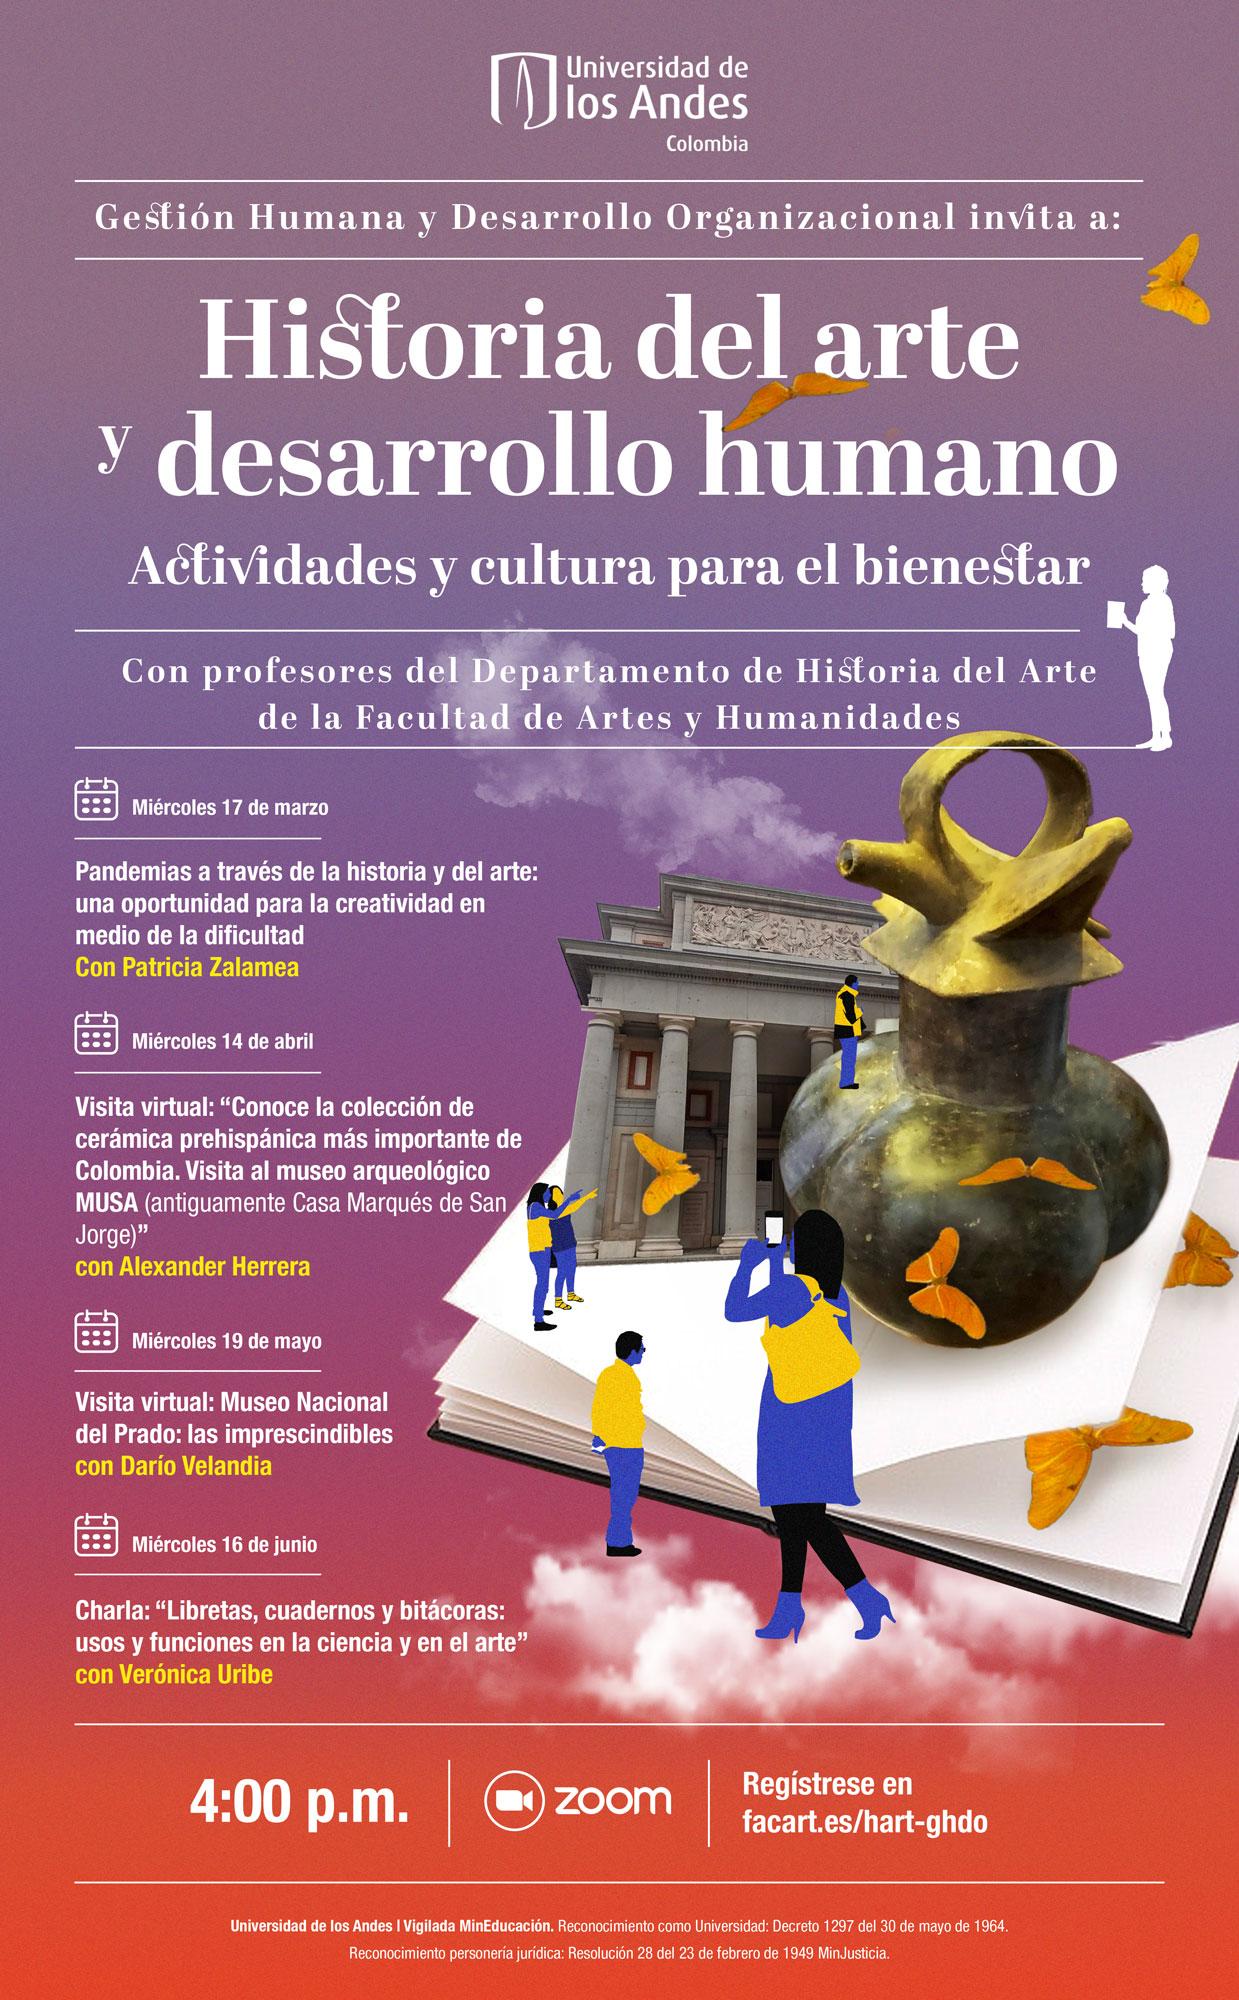 Historia del arte y desarrollo humano: actividades y cultura para el bienestar